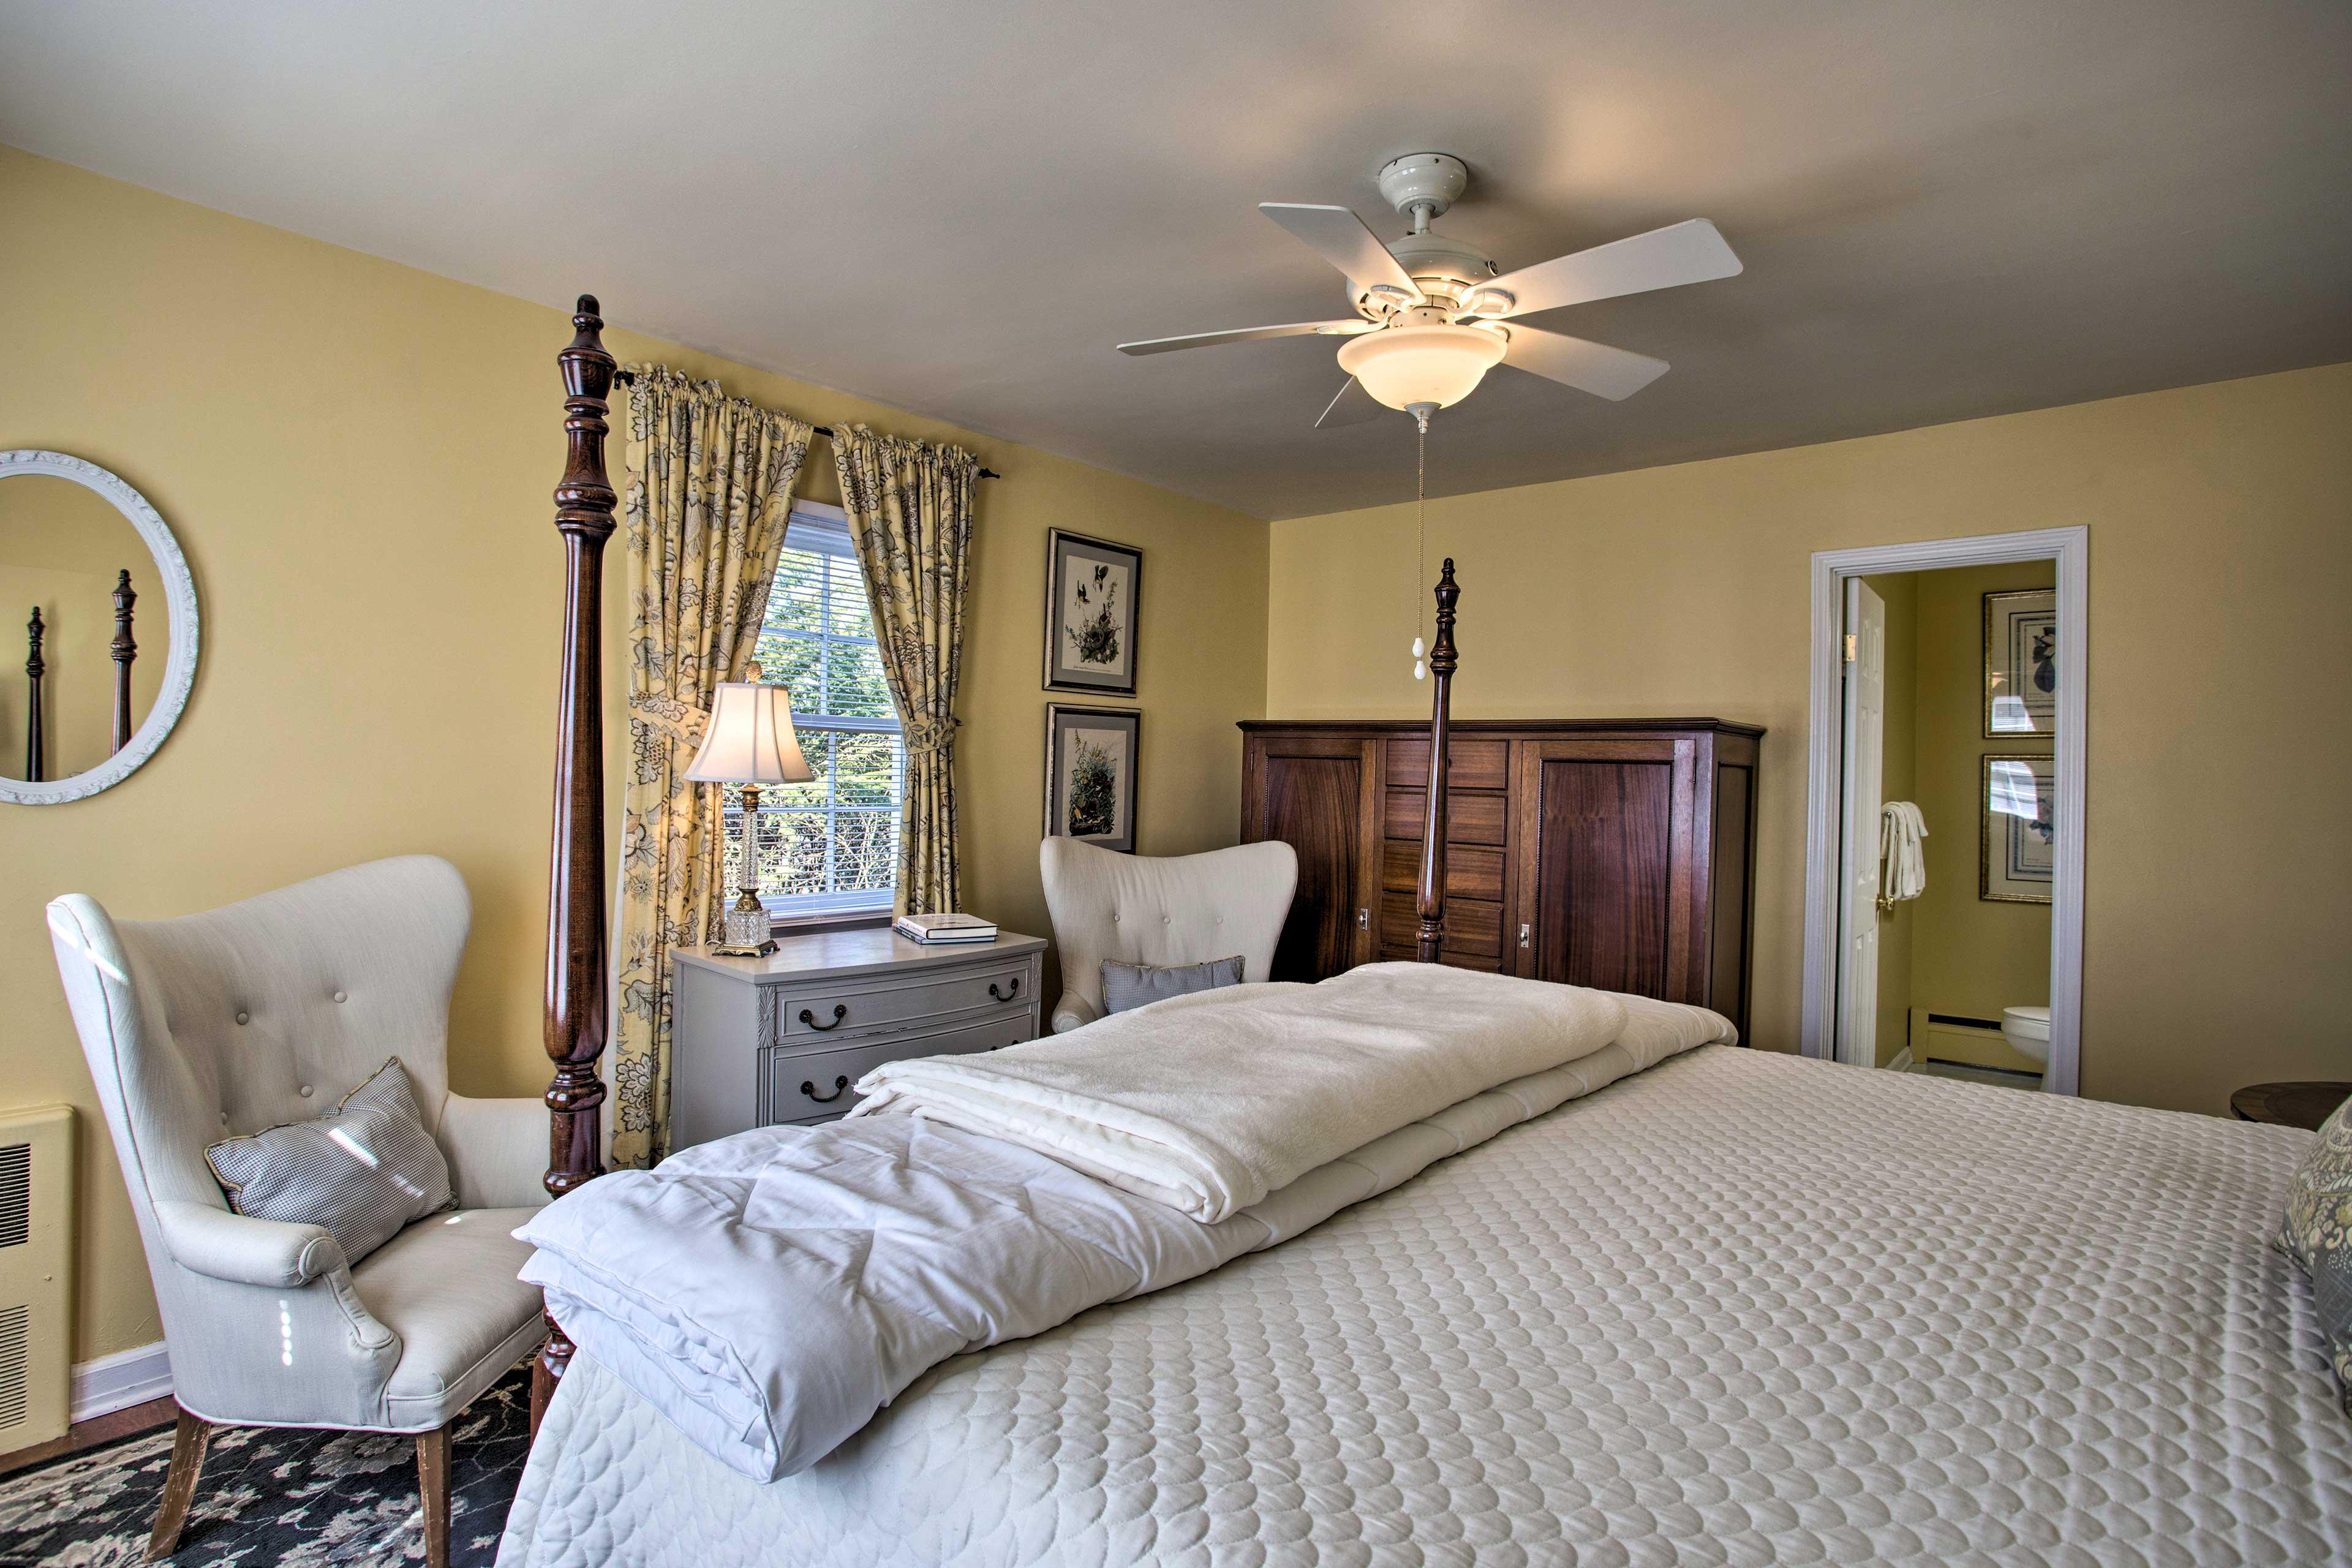 Sleep well in a comfortable room!